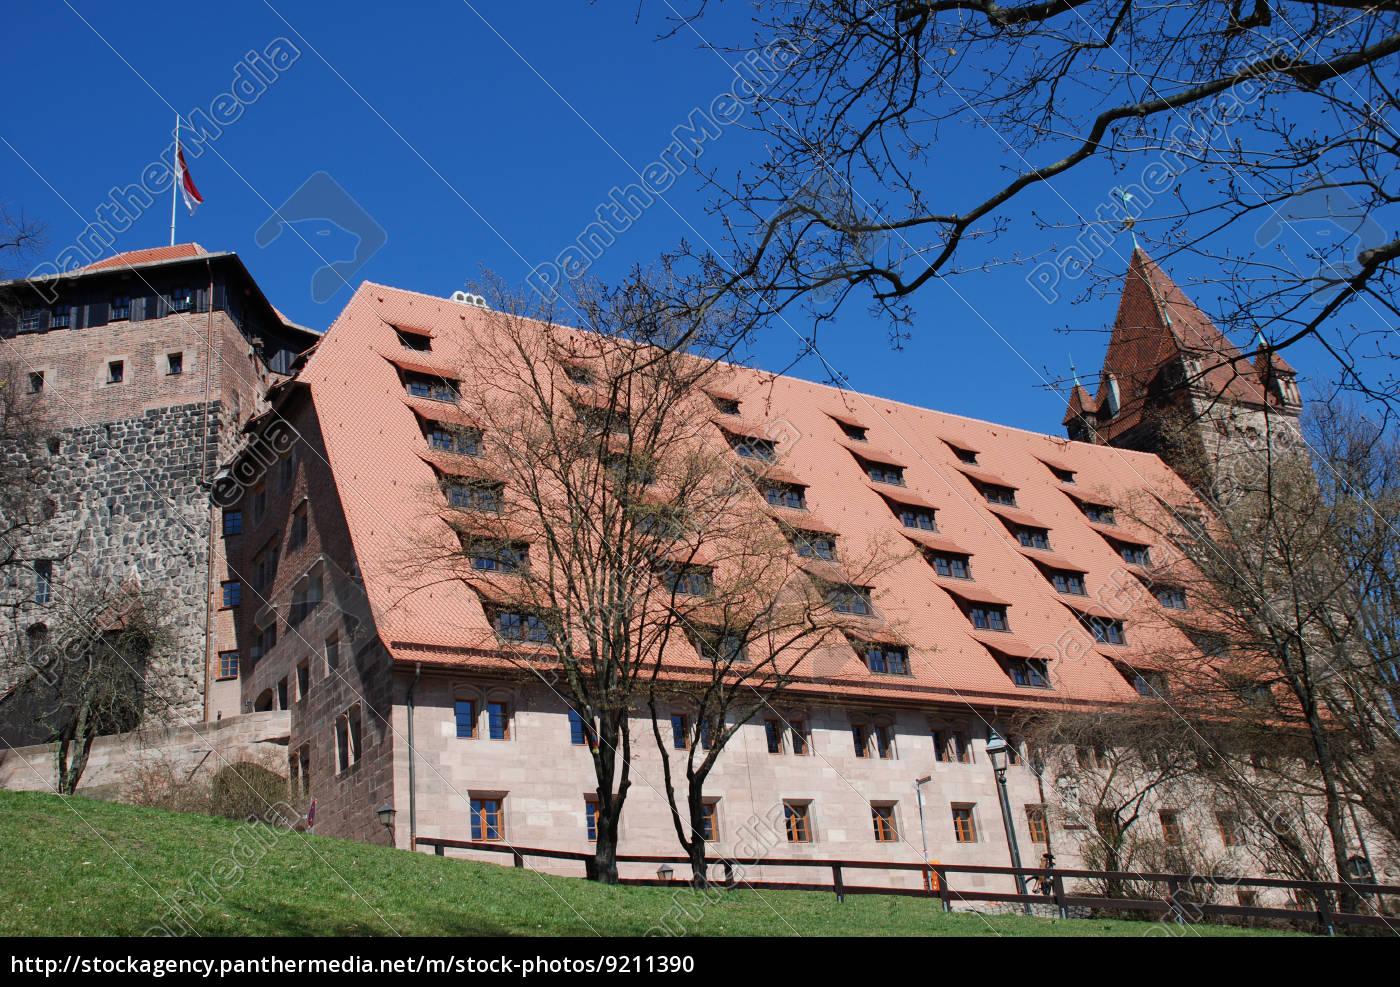 nürnberger, burg, kaiserstallung, fünfeckturm, luginsland, jugendherberge - 9211390